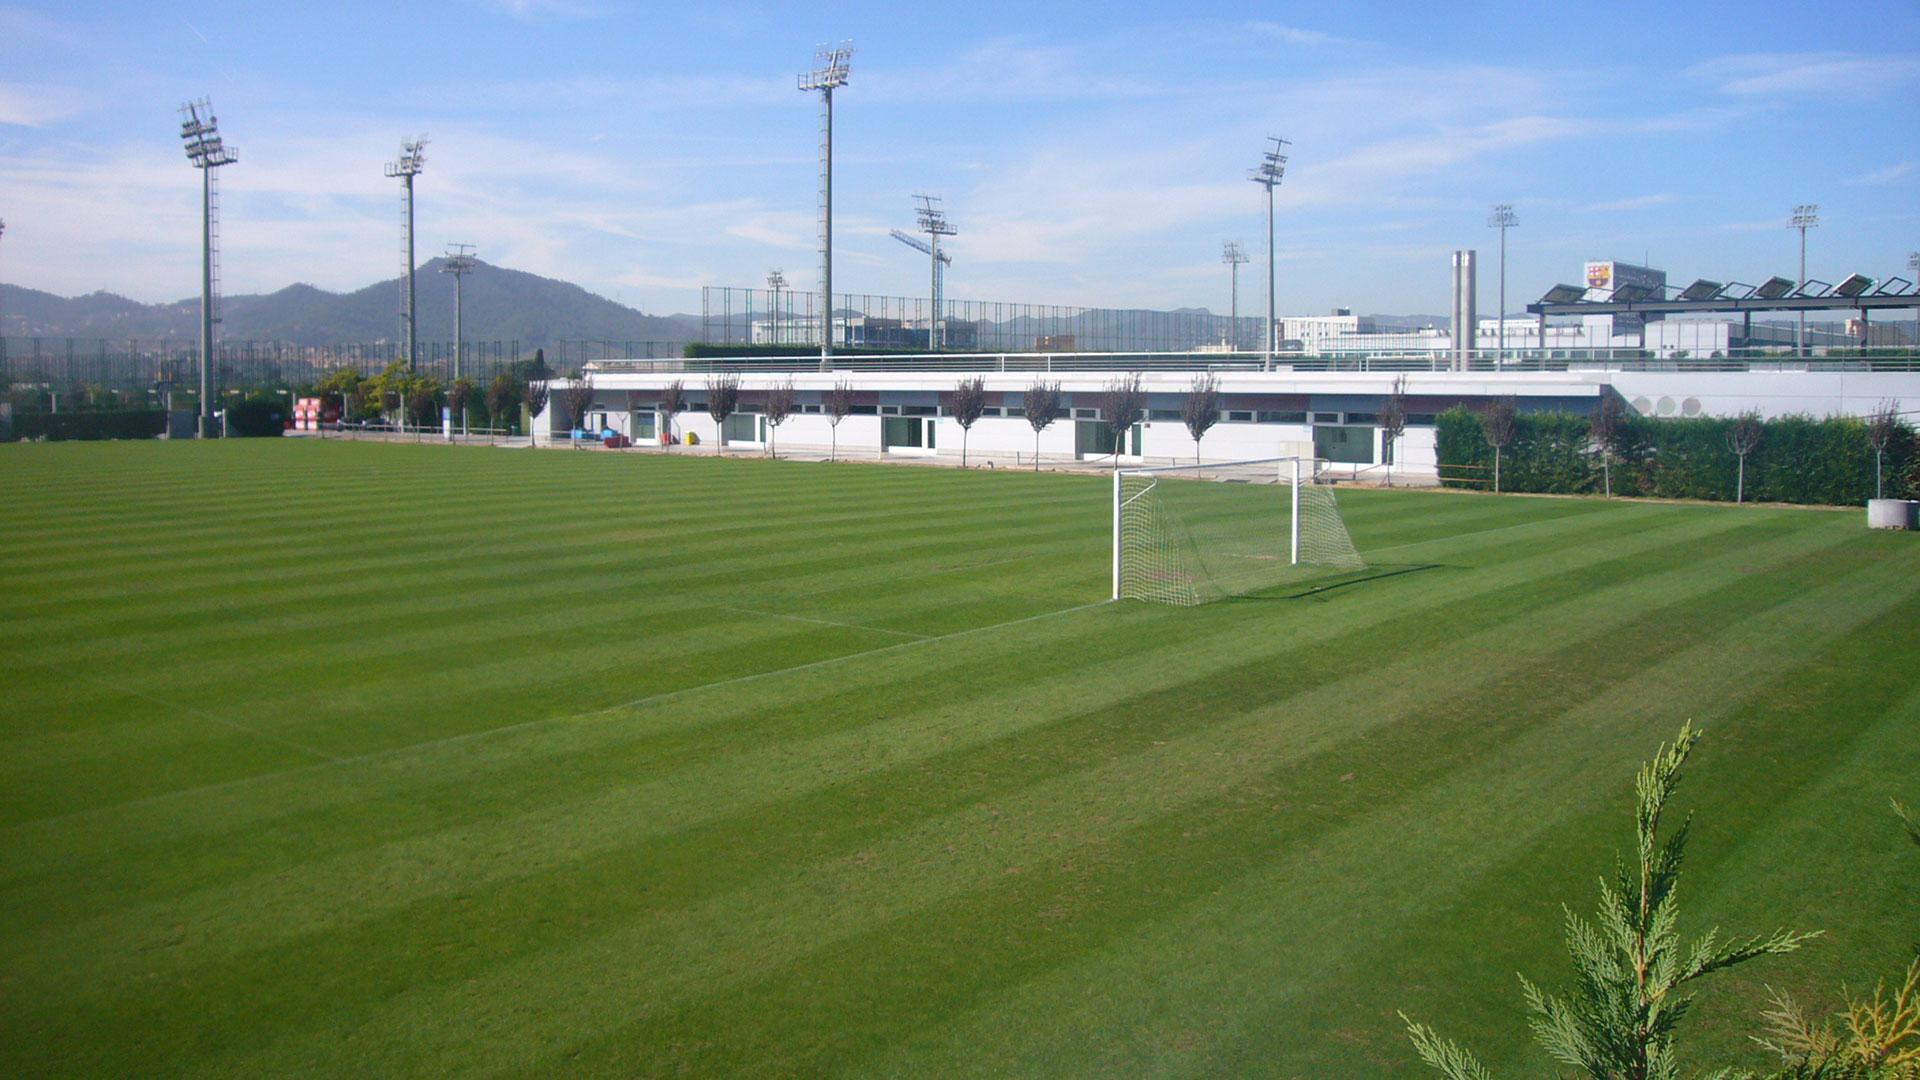 Una de las canchas de la Ciudad Deportiva Joan Gamper, donde trabajará la Selección